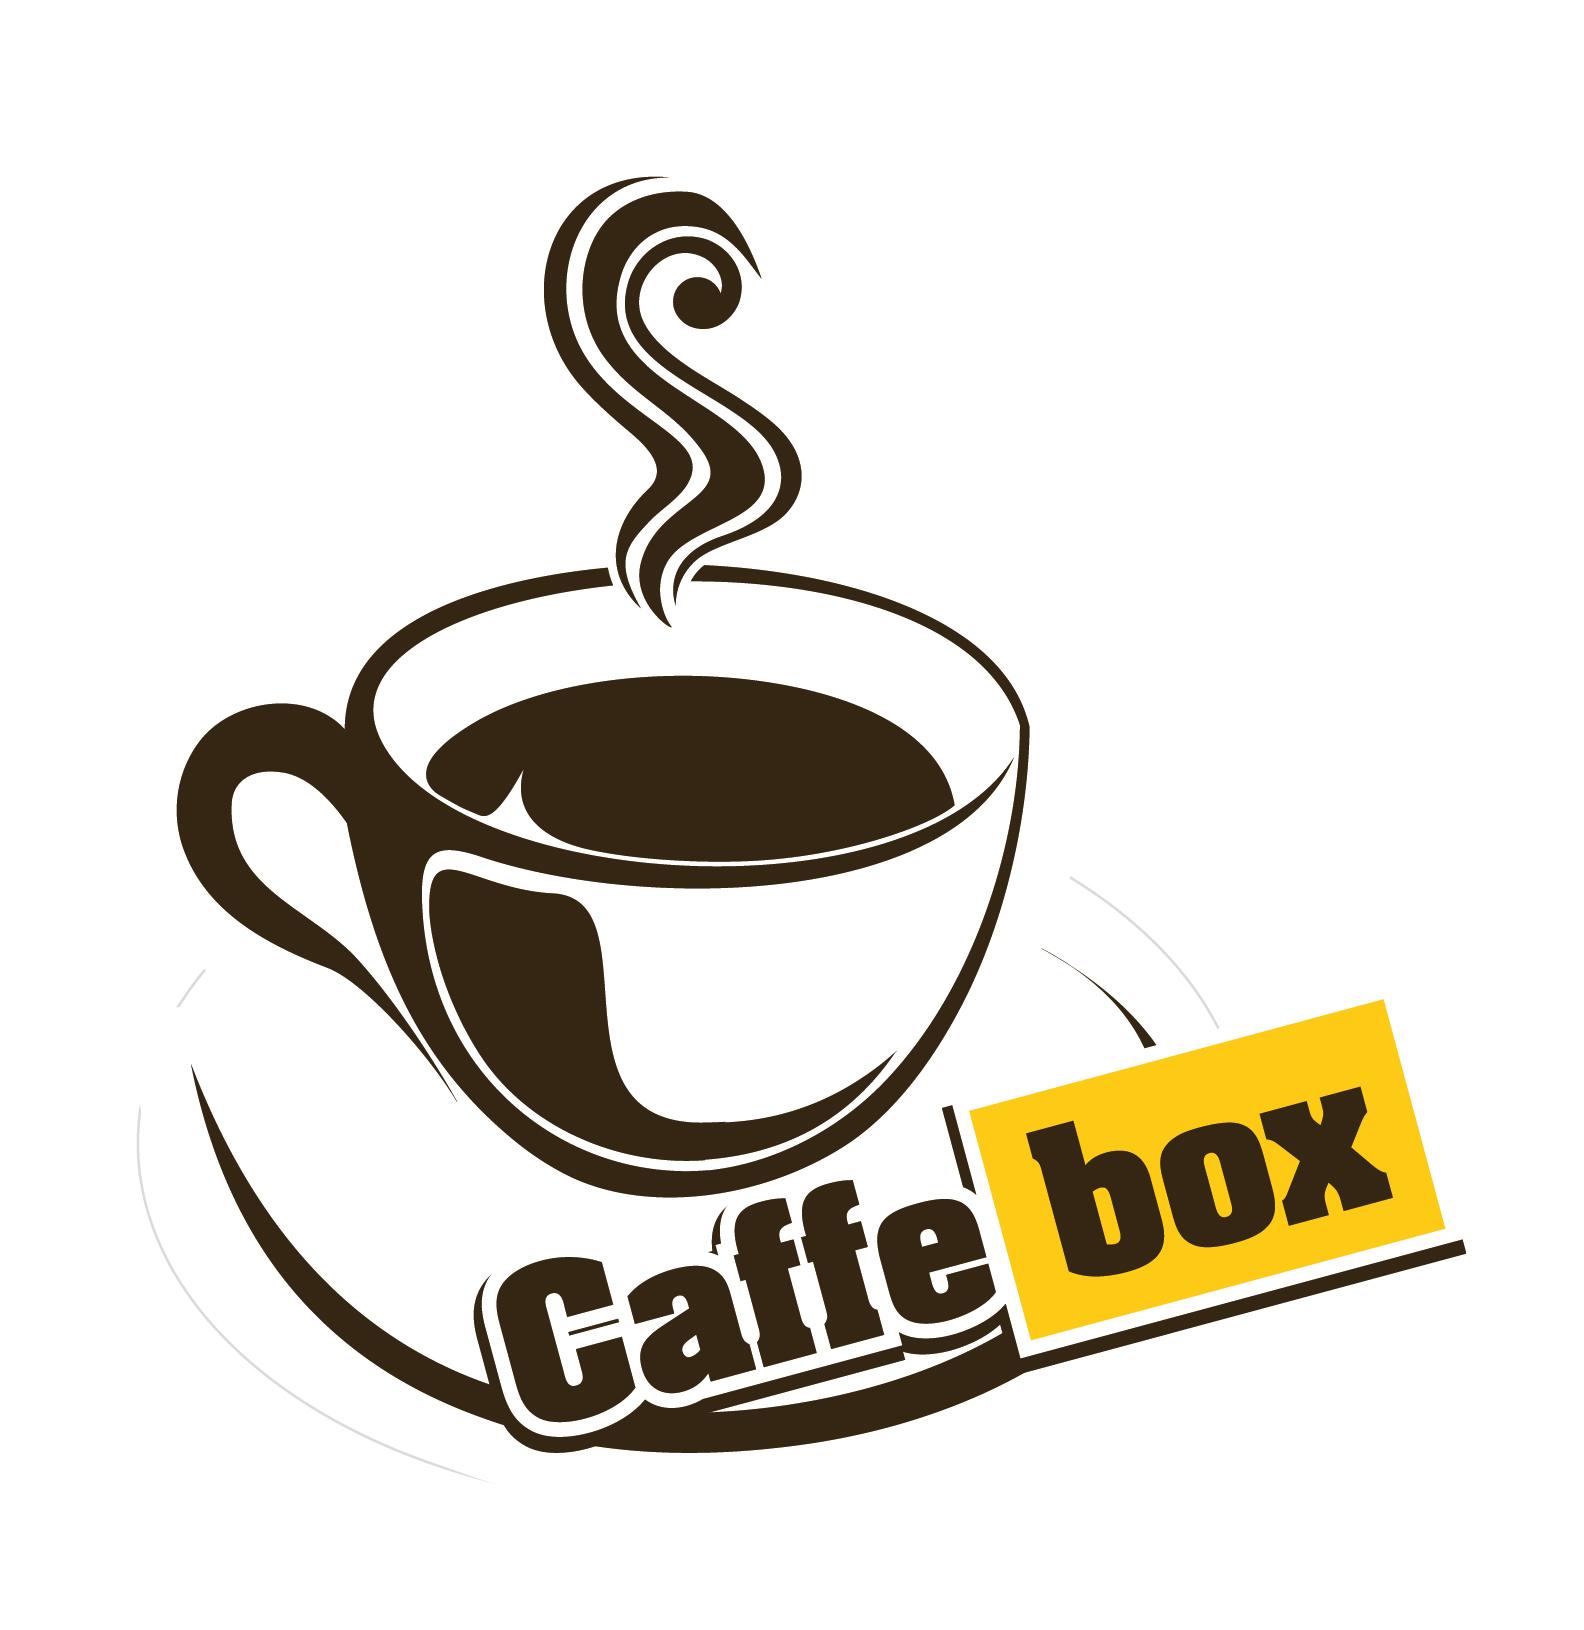 Требуется очень срочно разработать логотип кофейни! фото f_0215a1362b713040.jpg